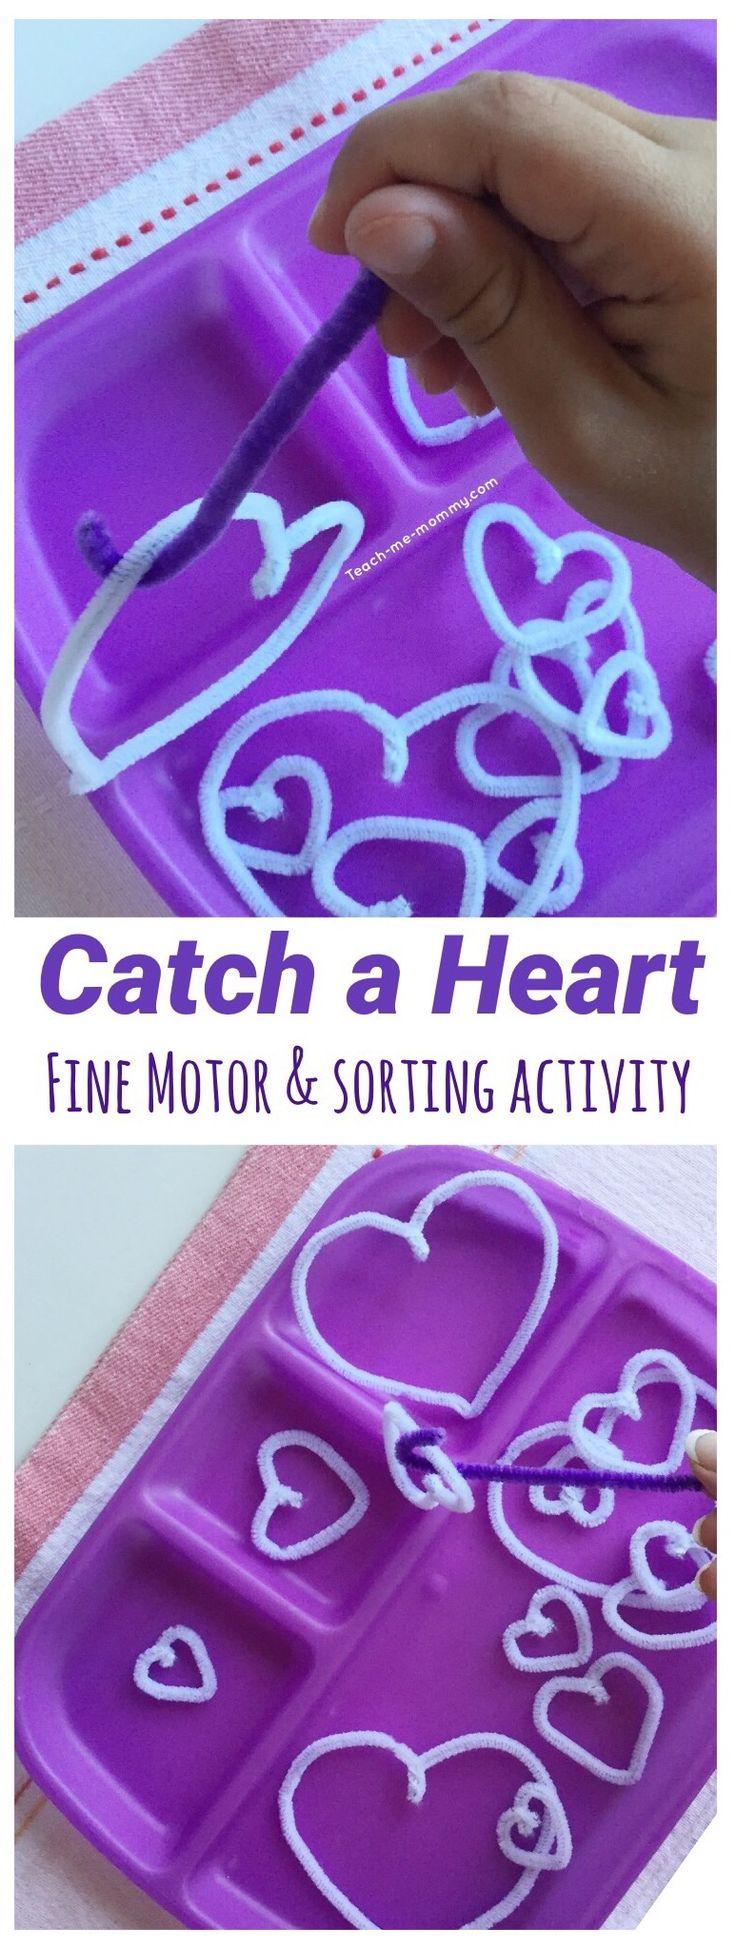 Catch a heart